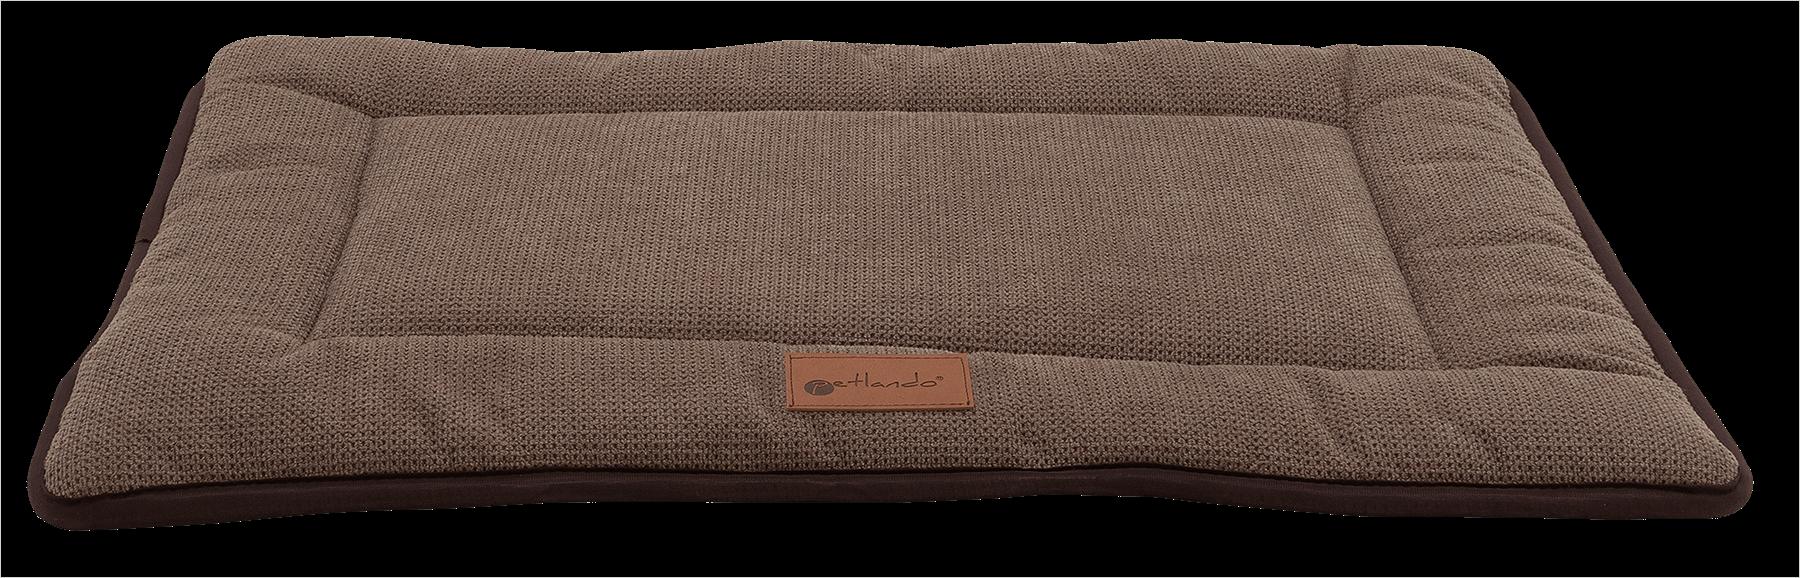 Relaxmat 90x60x5.5cm  -L- Cappuccino